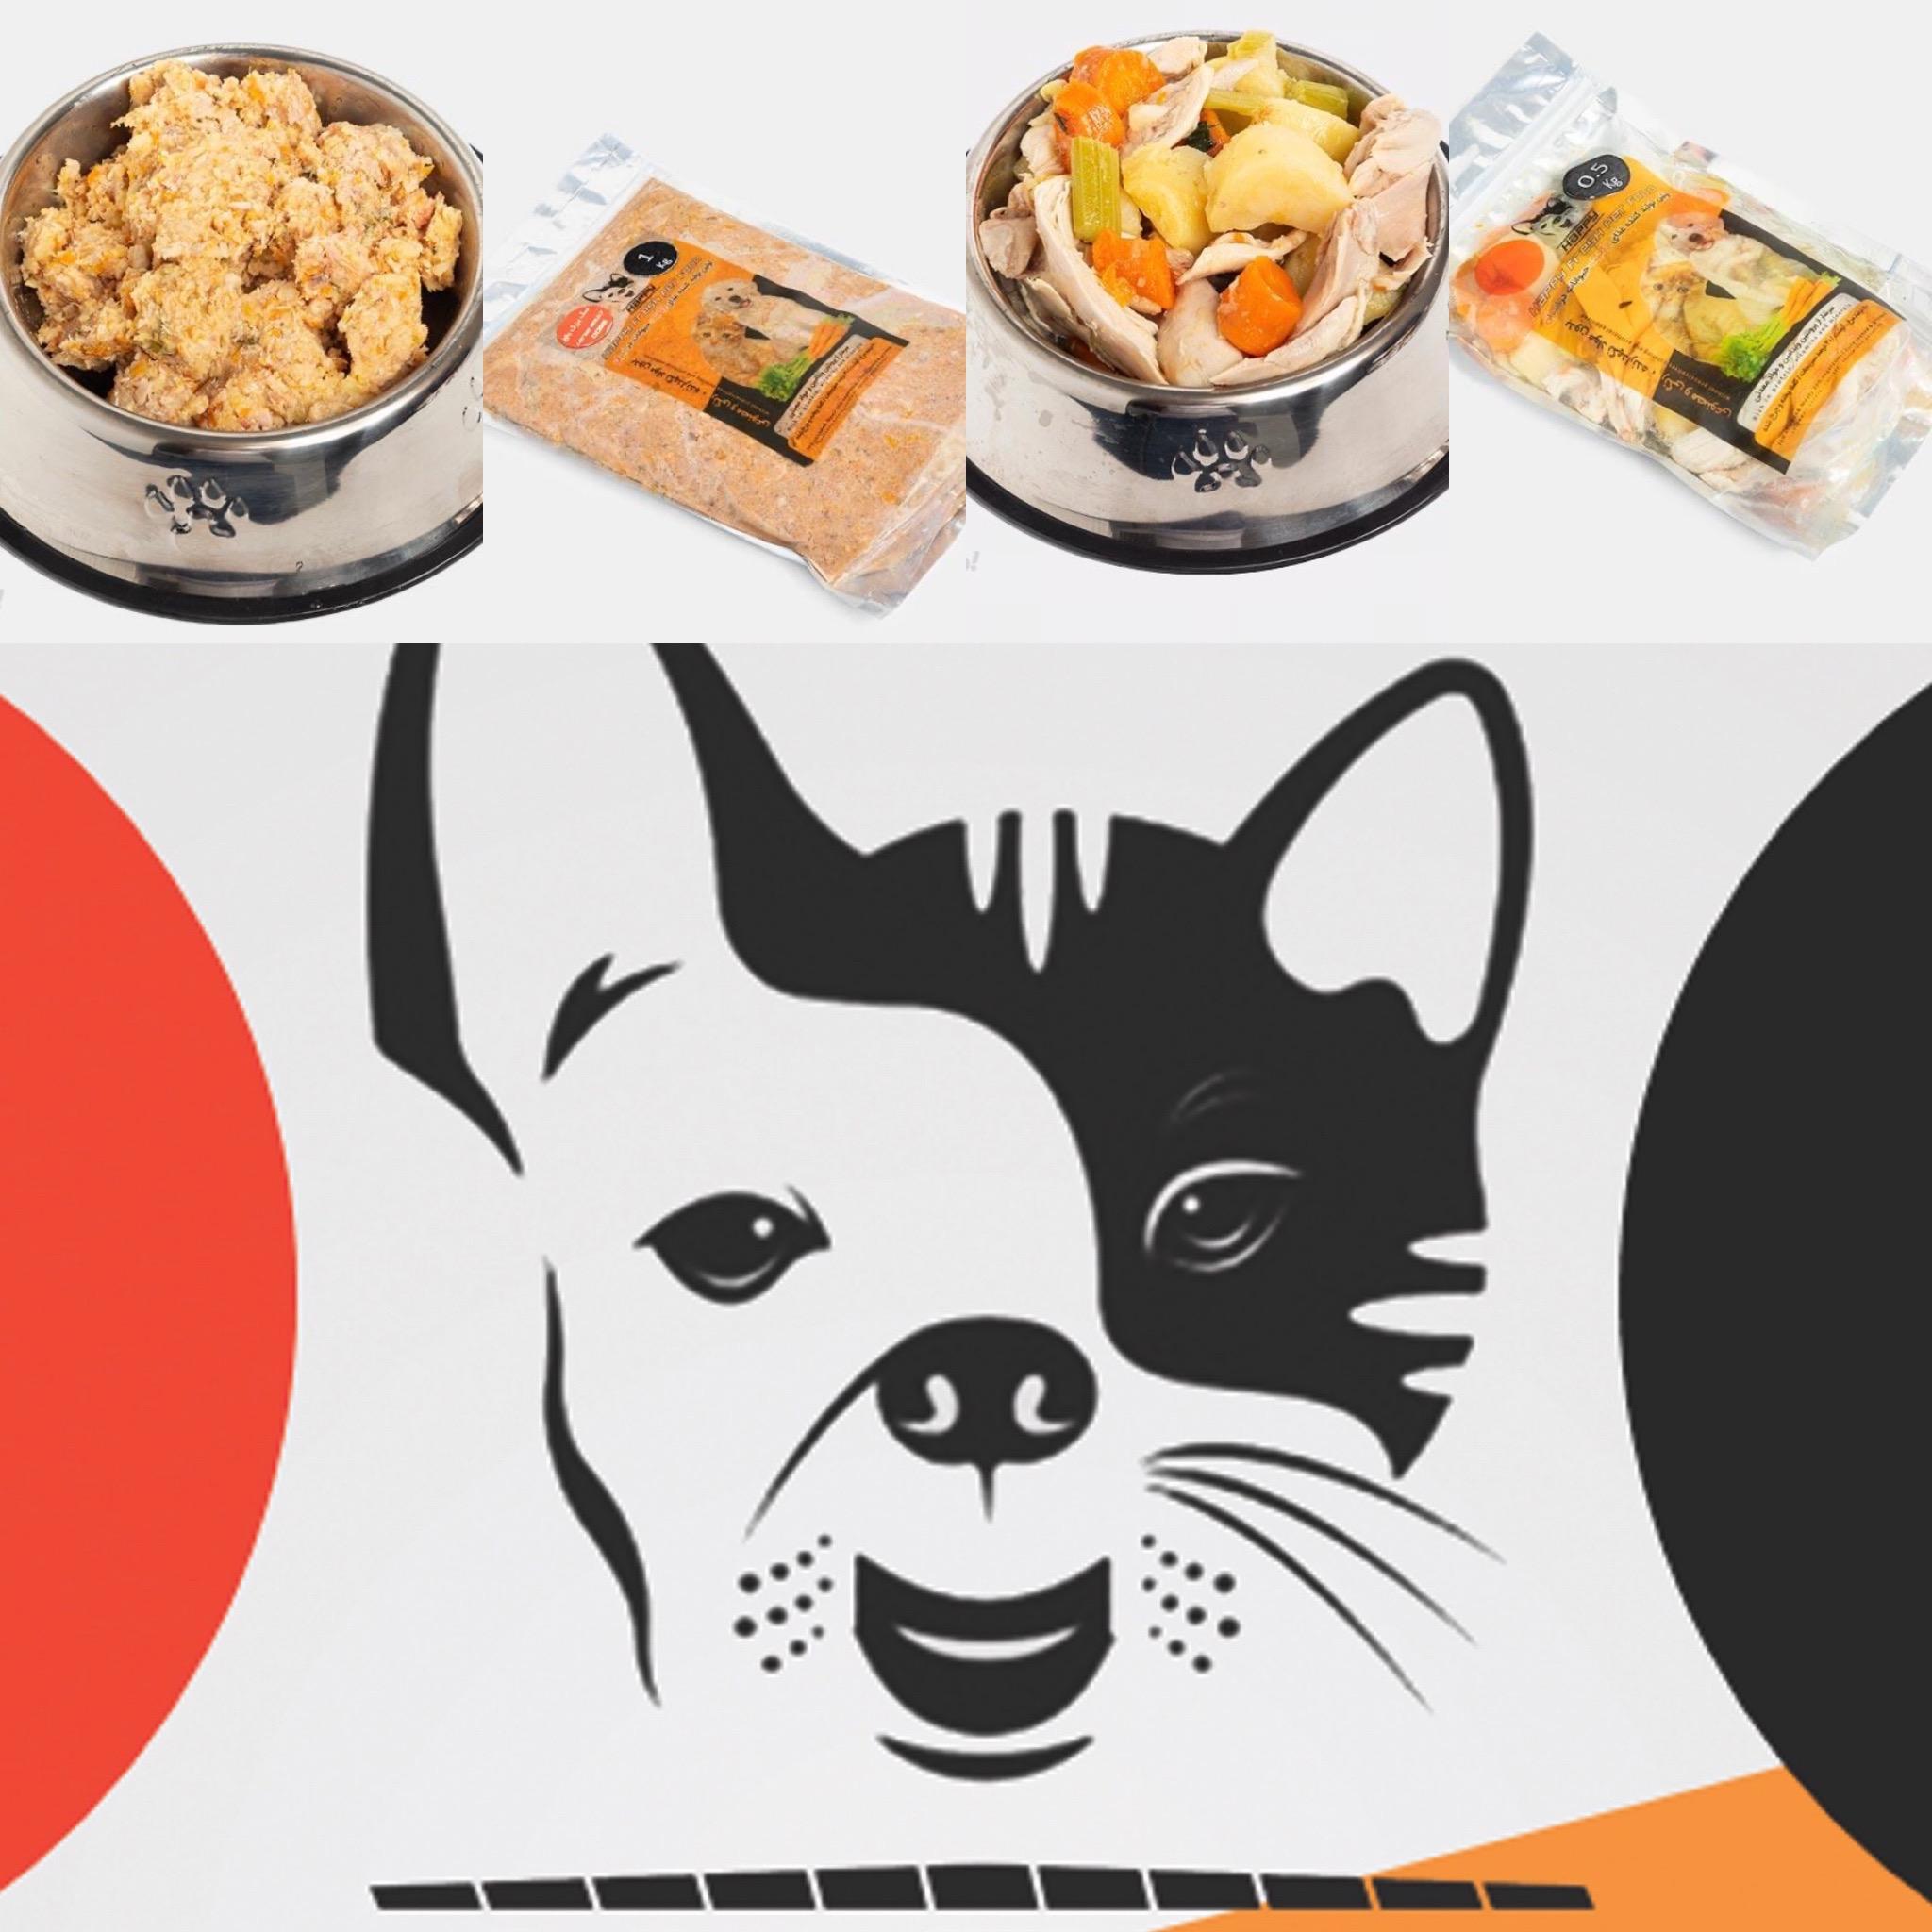 غذای خانگی حیوانات هپی پت فود